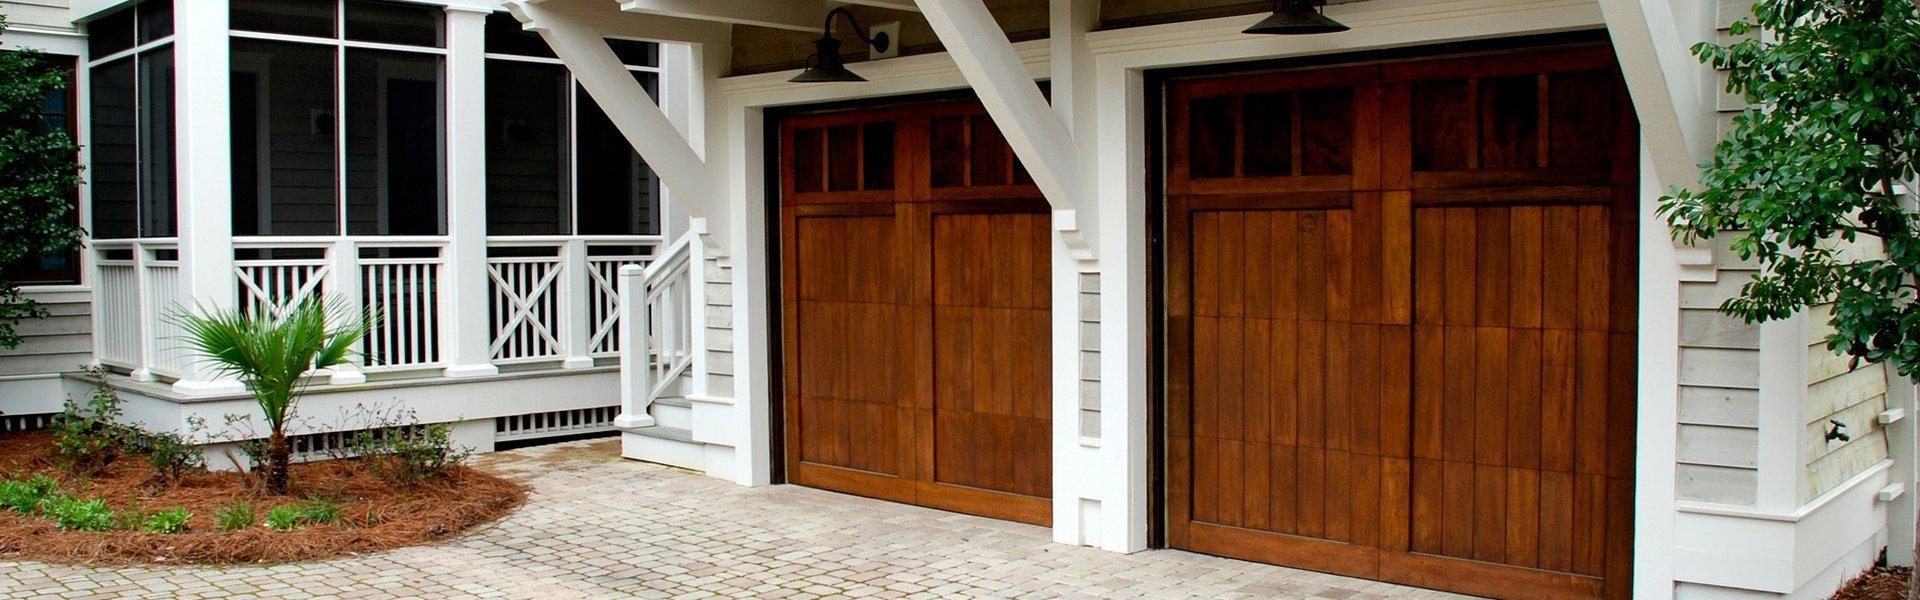 Garage Door Service MD